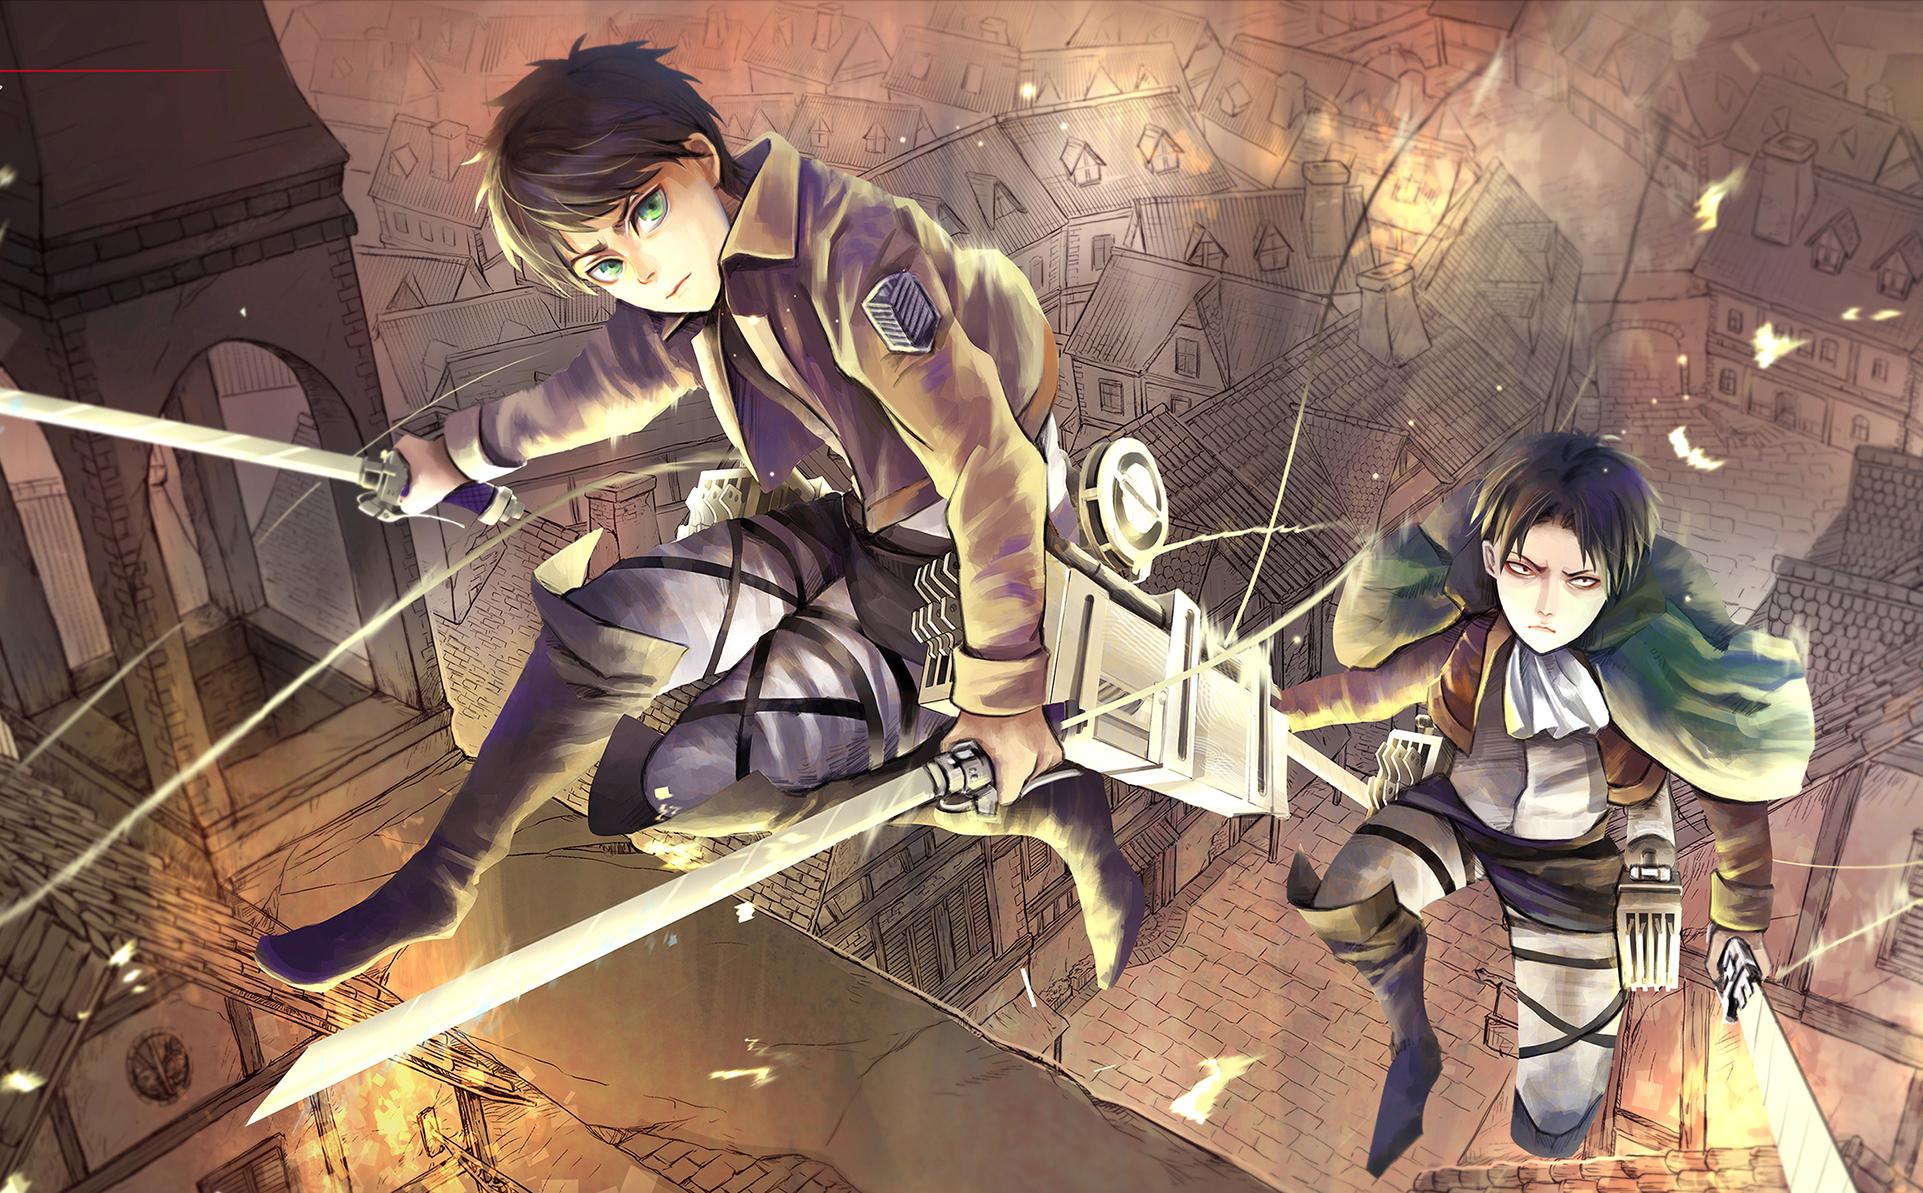 Wallpaper Anime Shingeki No Kyojin Art Screenshot Attack On